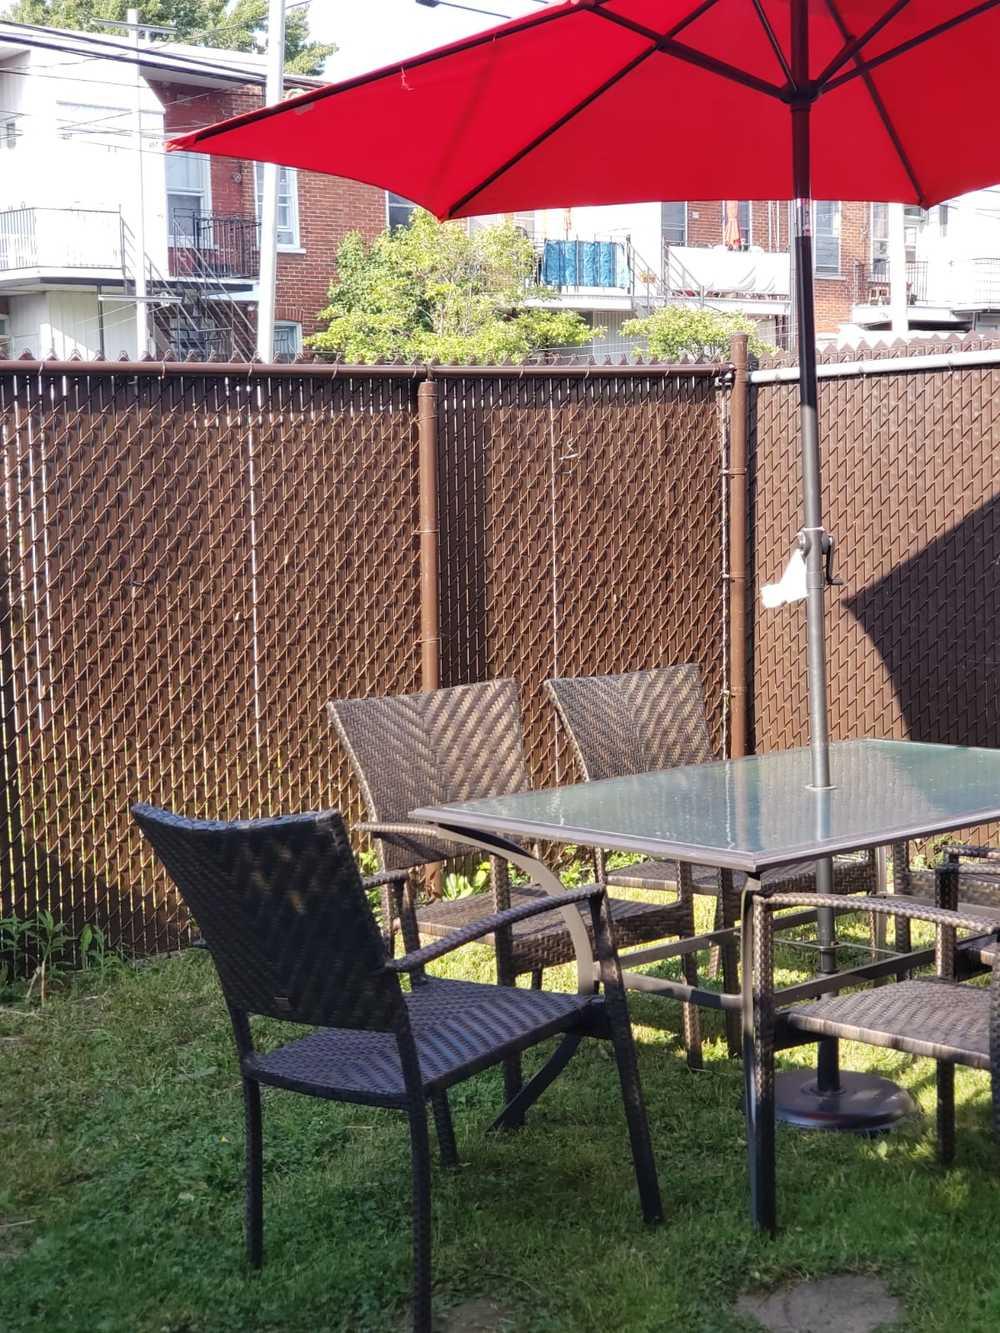 10 table avec parasol dans la cours priv e 001